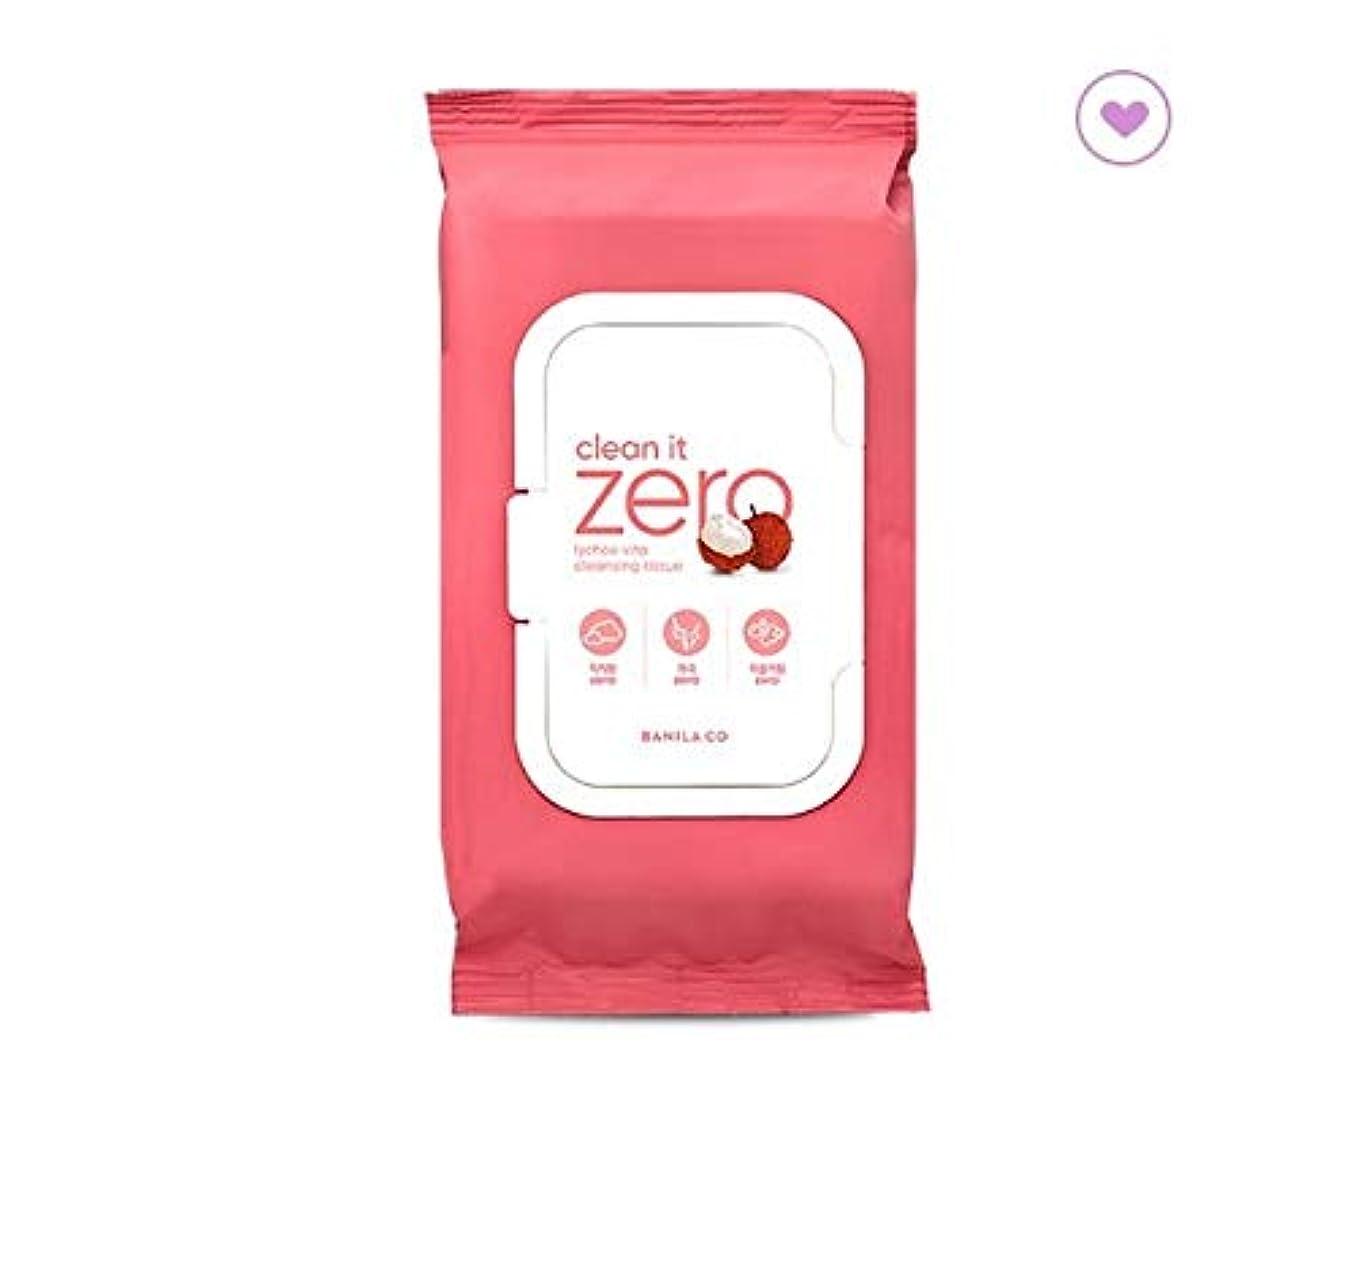 ベジタリアン住居近所のbanilaco クリーンイットゼロライチヴィータクレンジングティッシュ80枚 / Clean It Zero Lychee Vita Cleansing Tissue 80 sheets (430g) [並行輸入品]